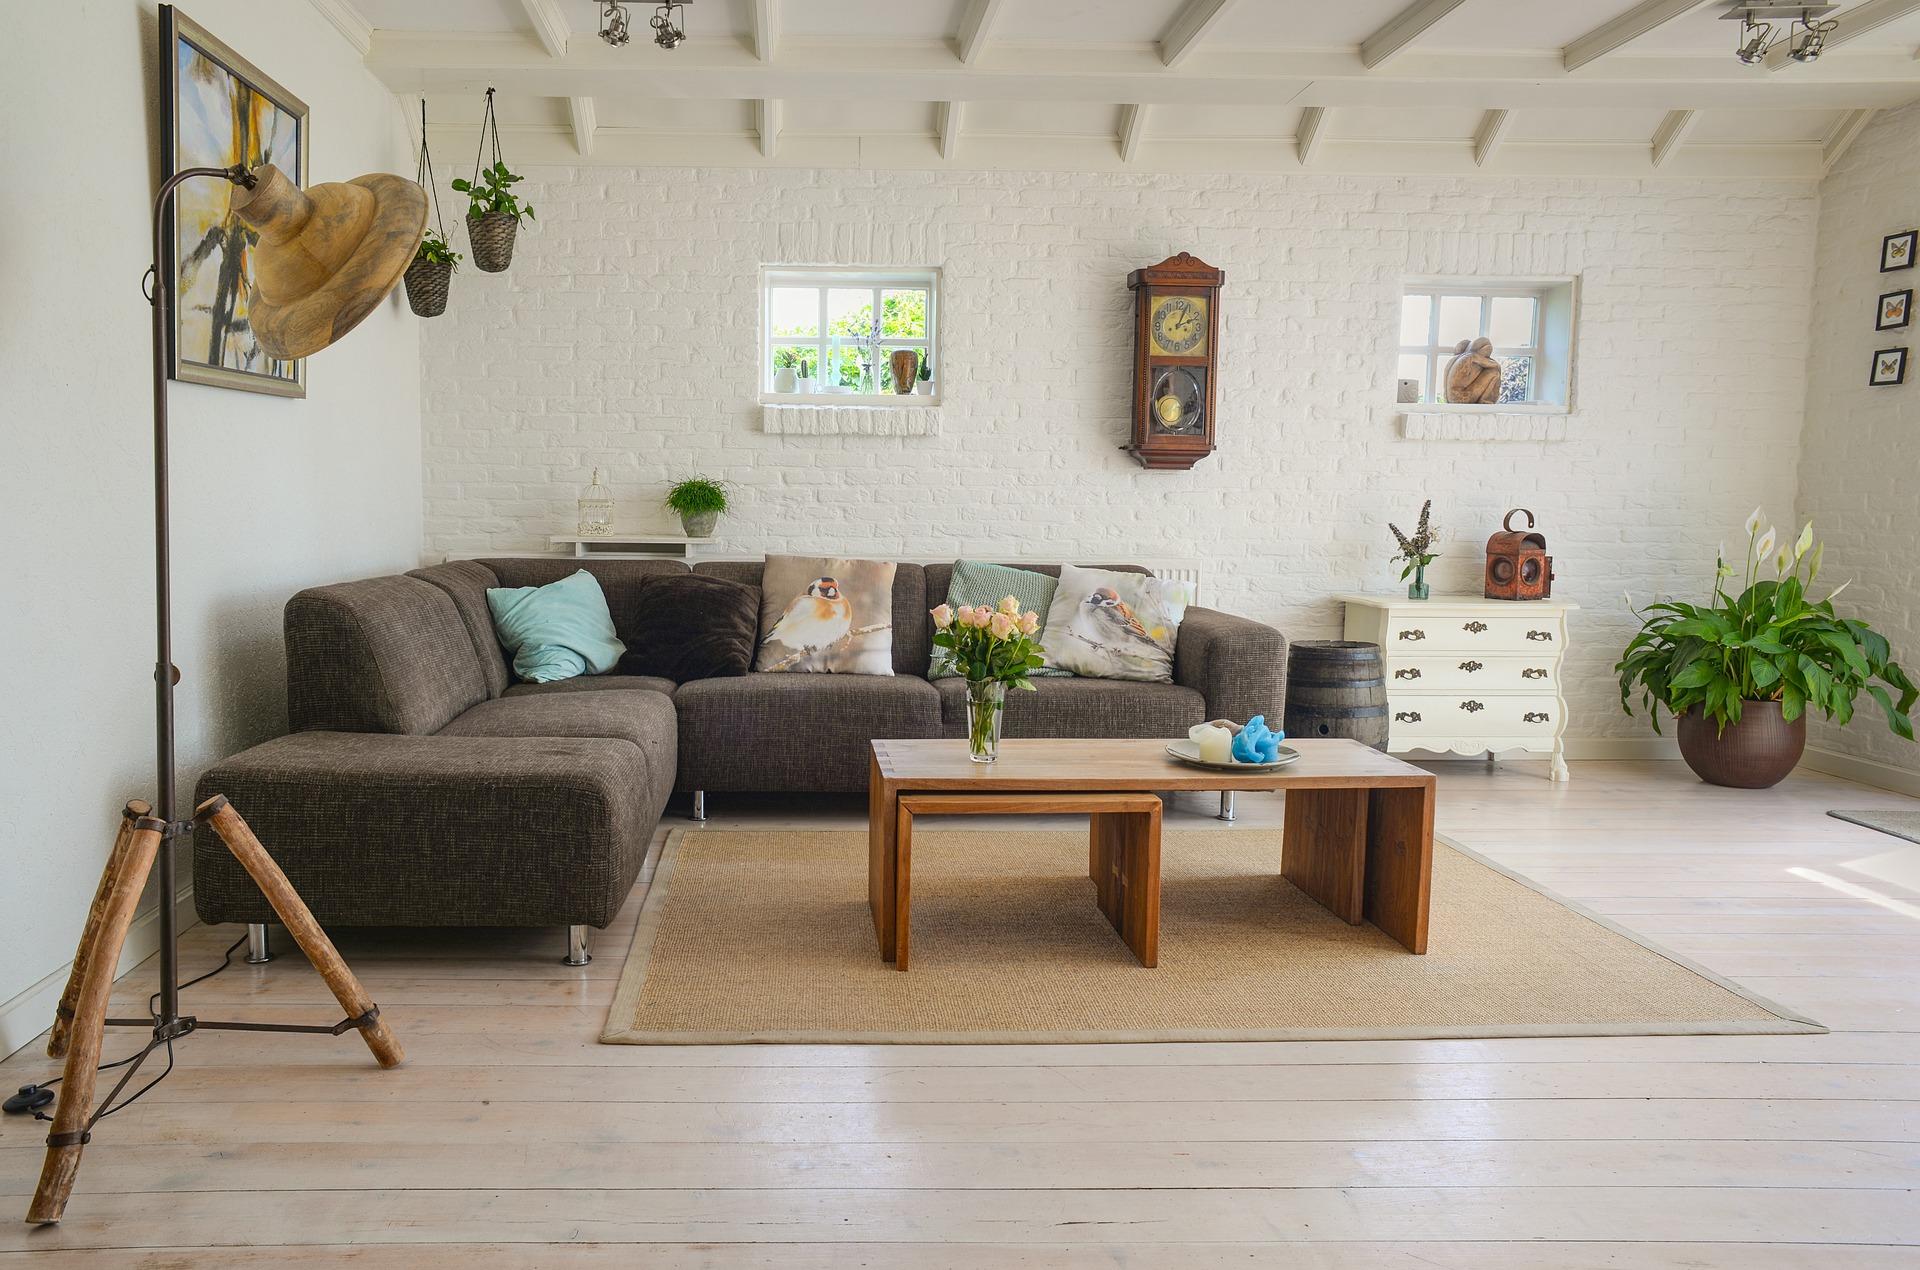 Une décoration intérieure intemporelle : le tapis Kilim